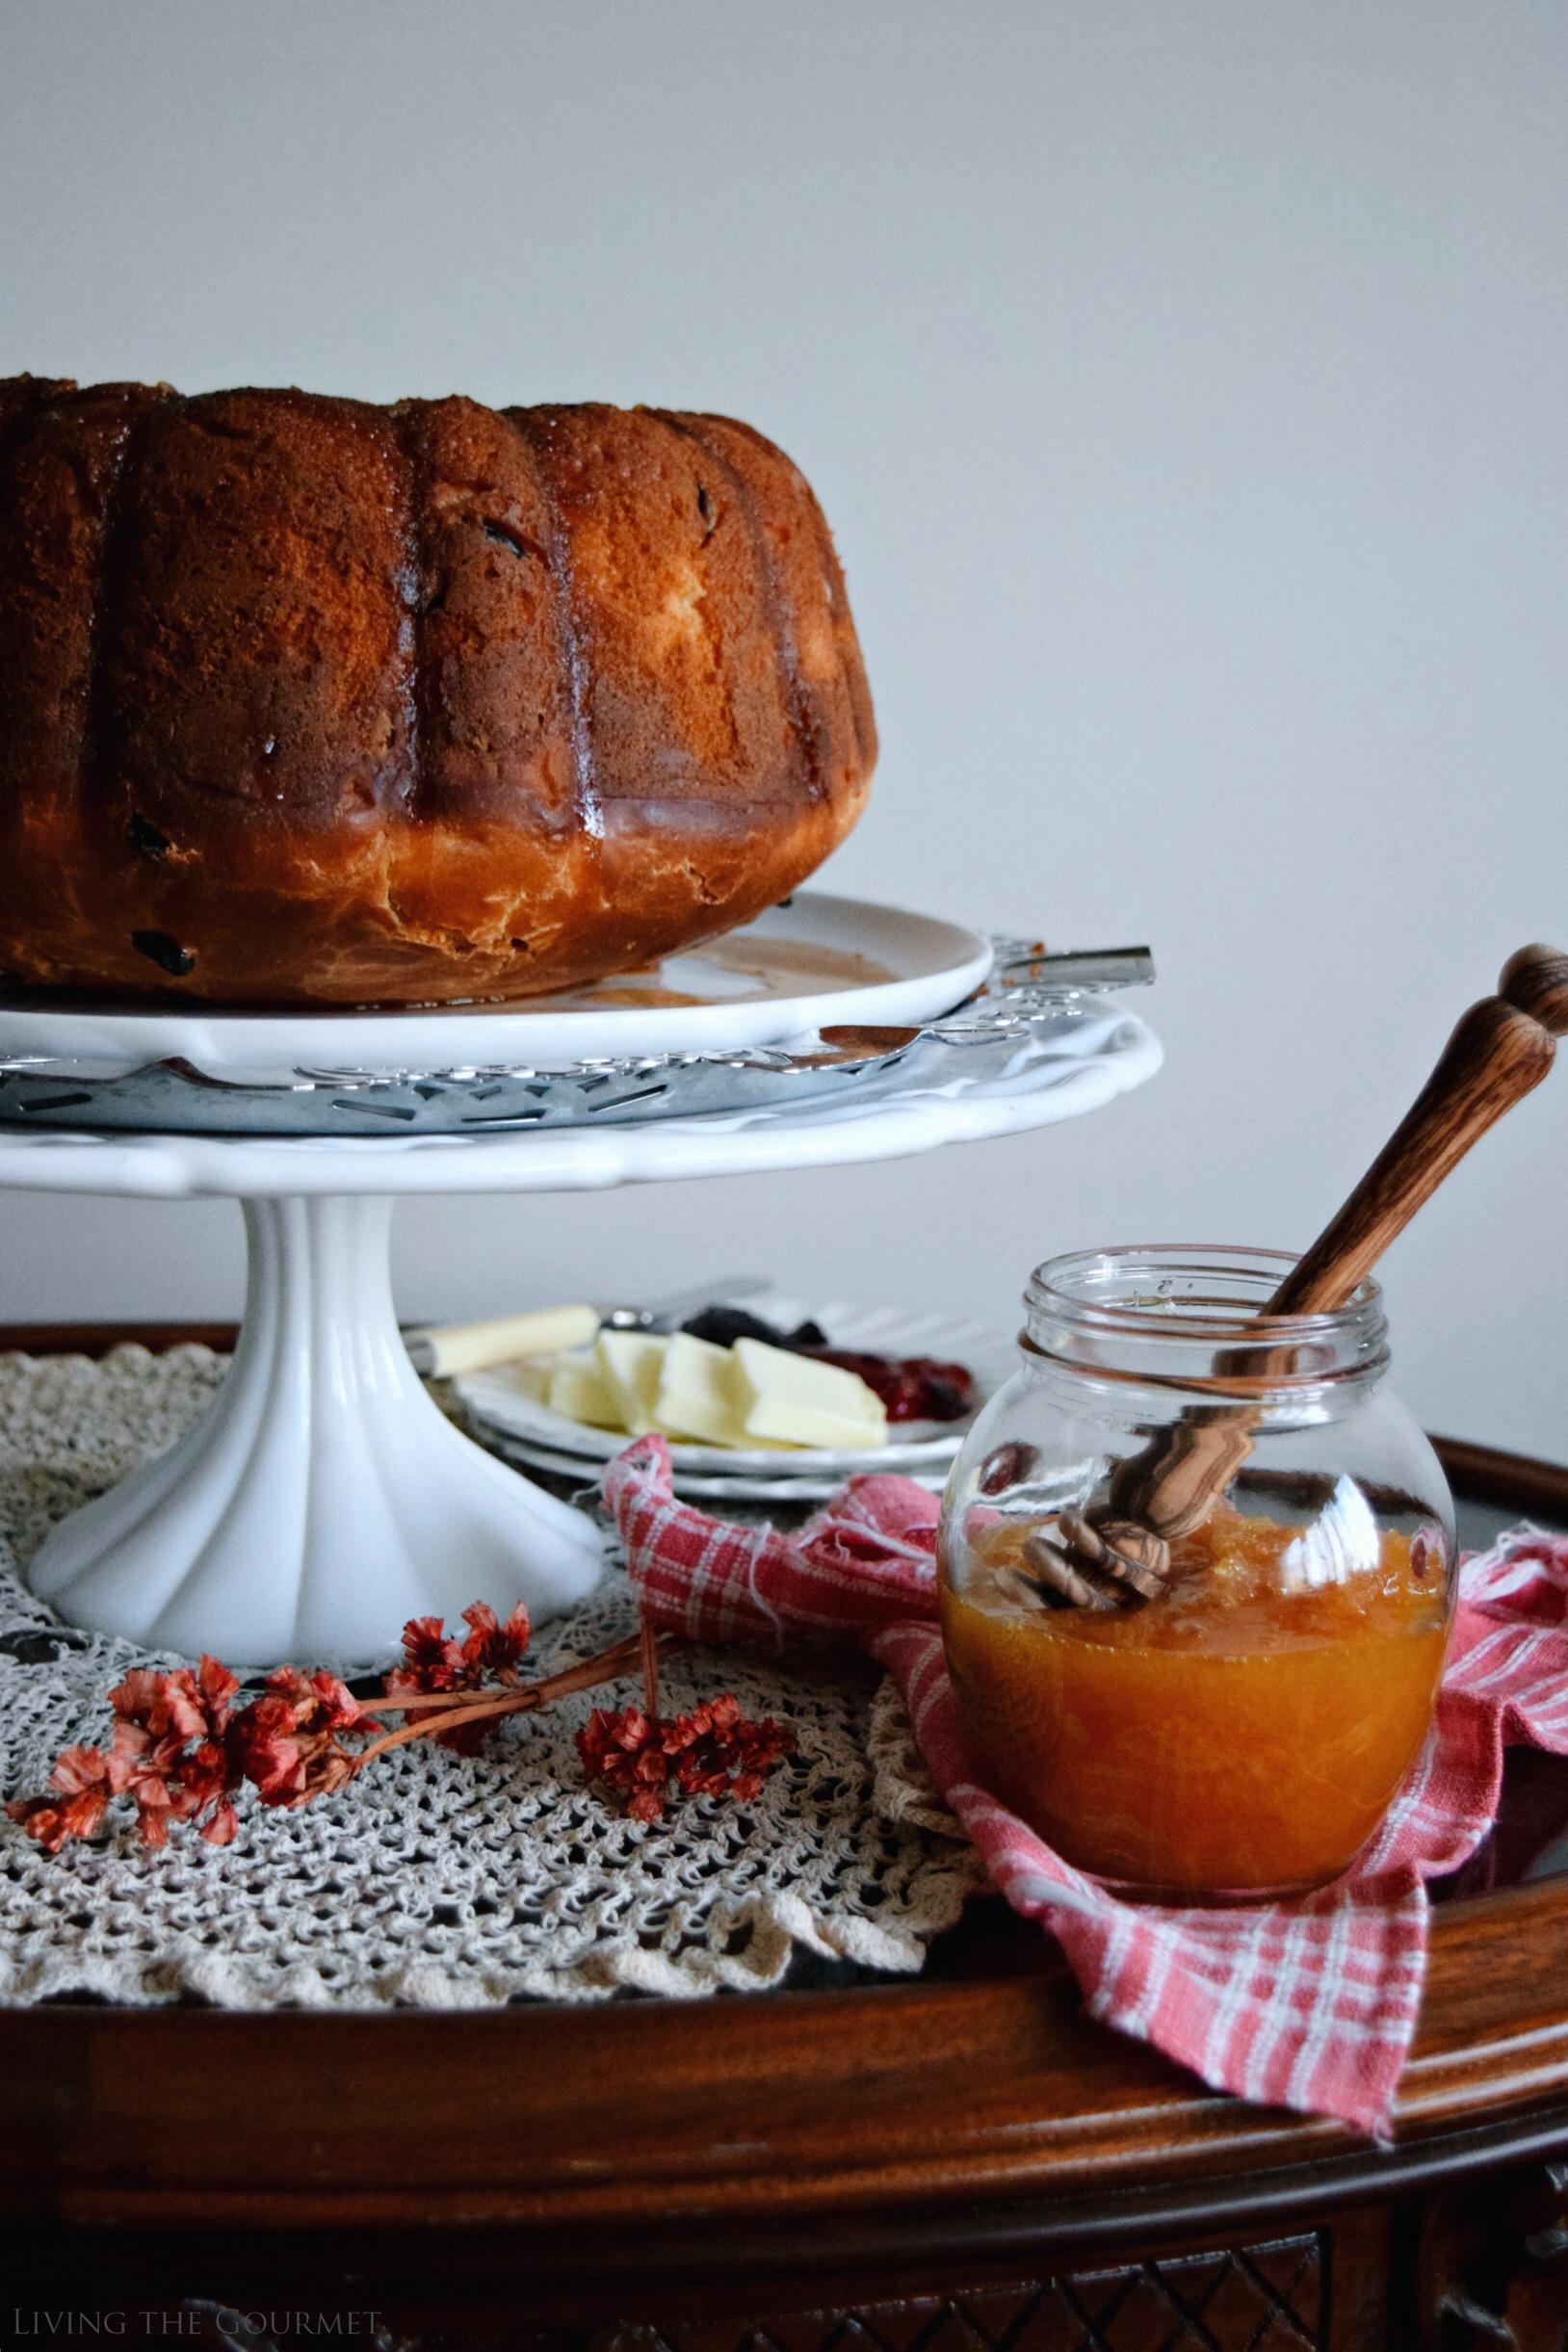 Living the Gourmet: Apple Honey Blossom Bundt | #BundtBakers